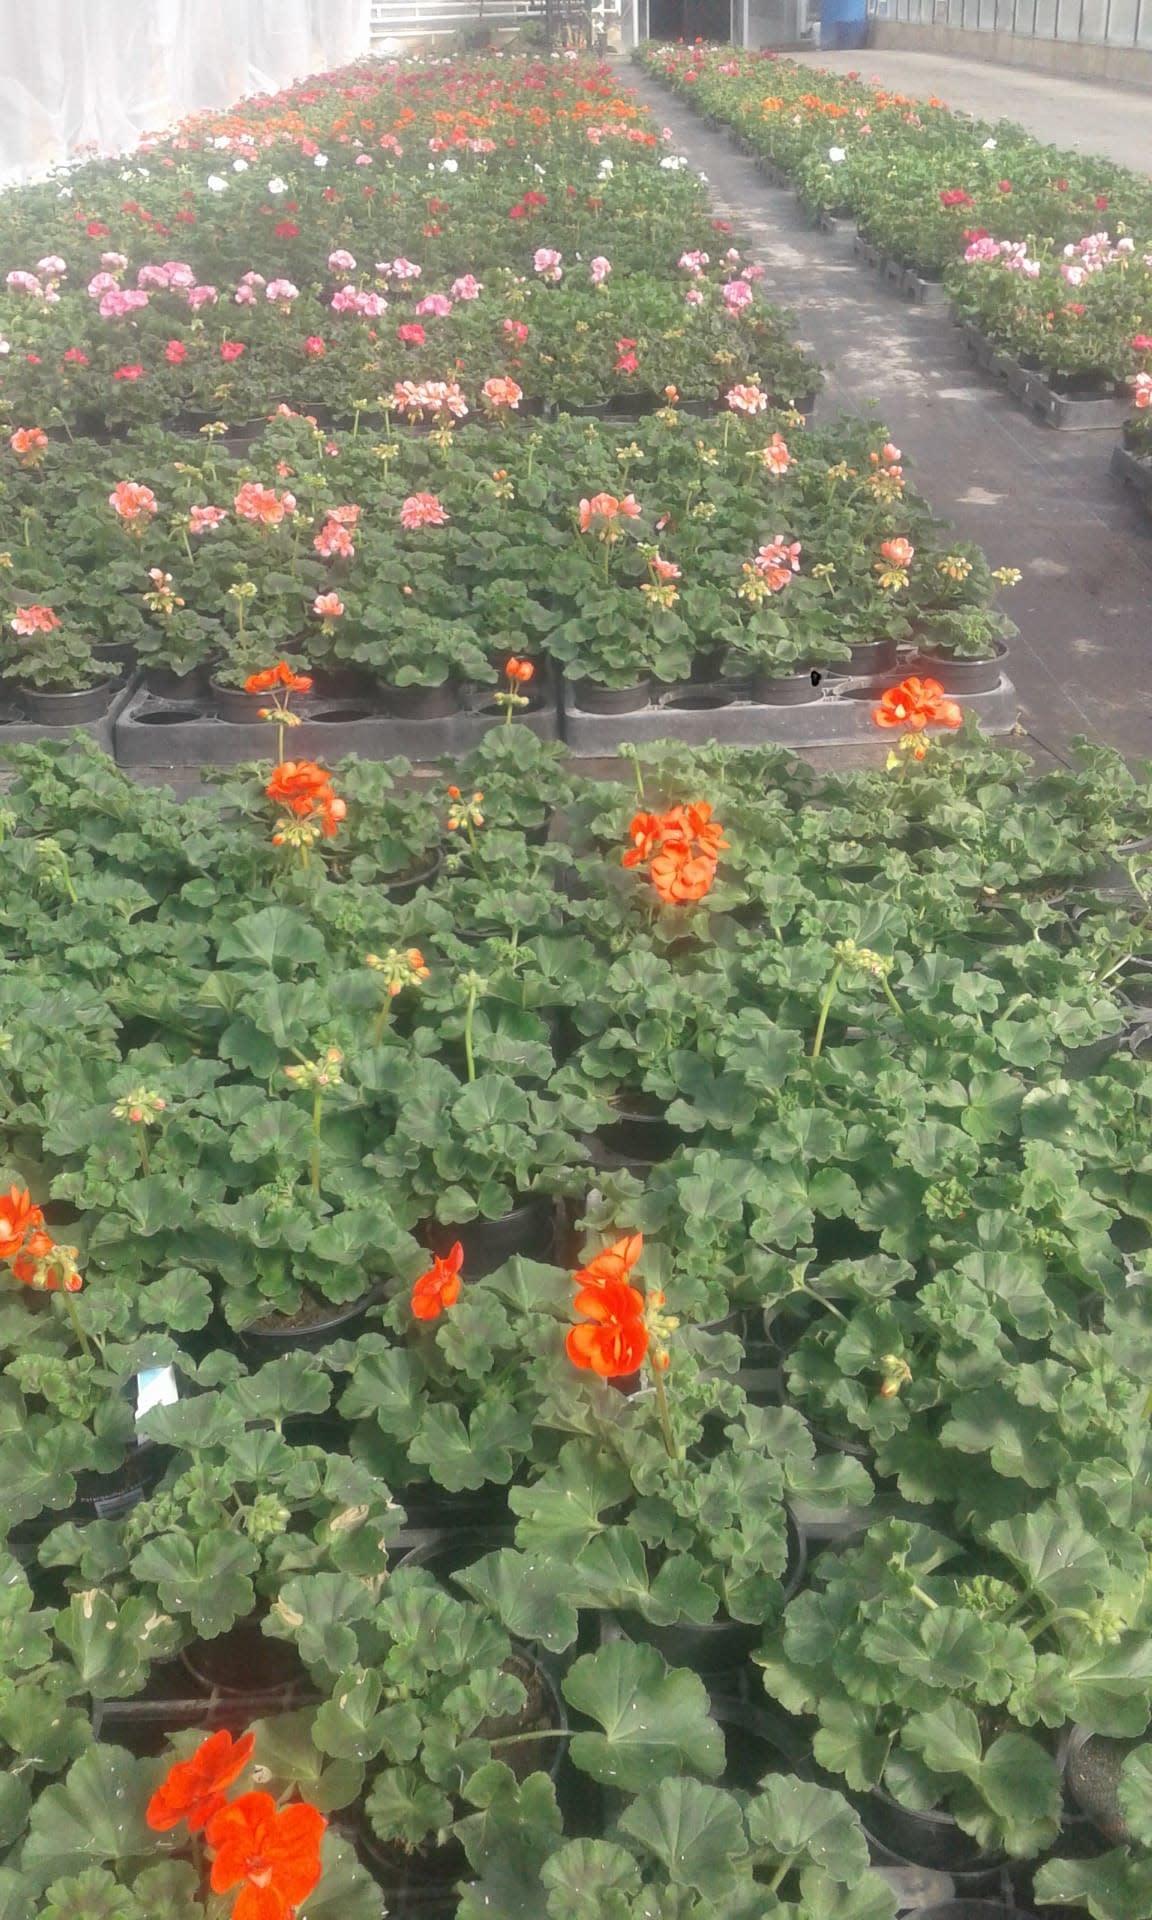 Geranium kleur oranjerood